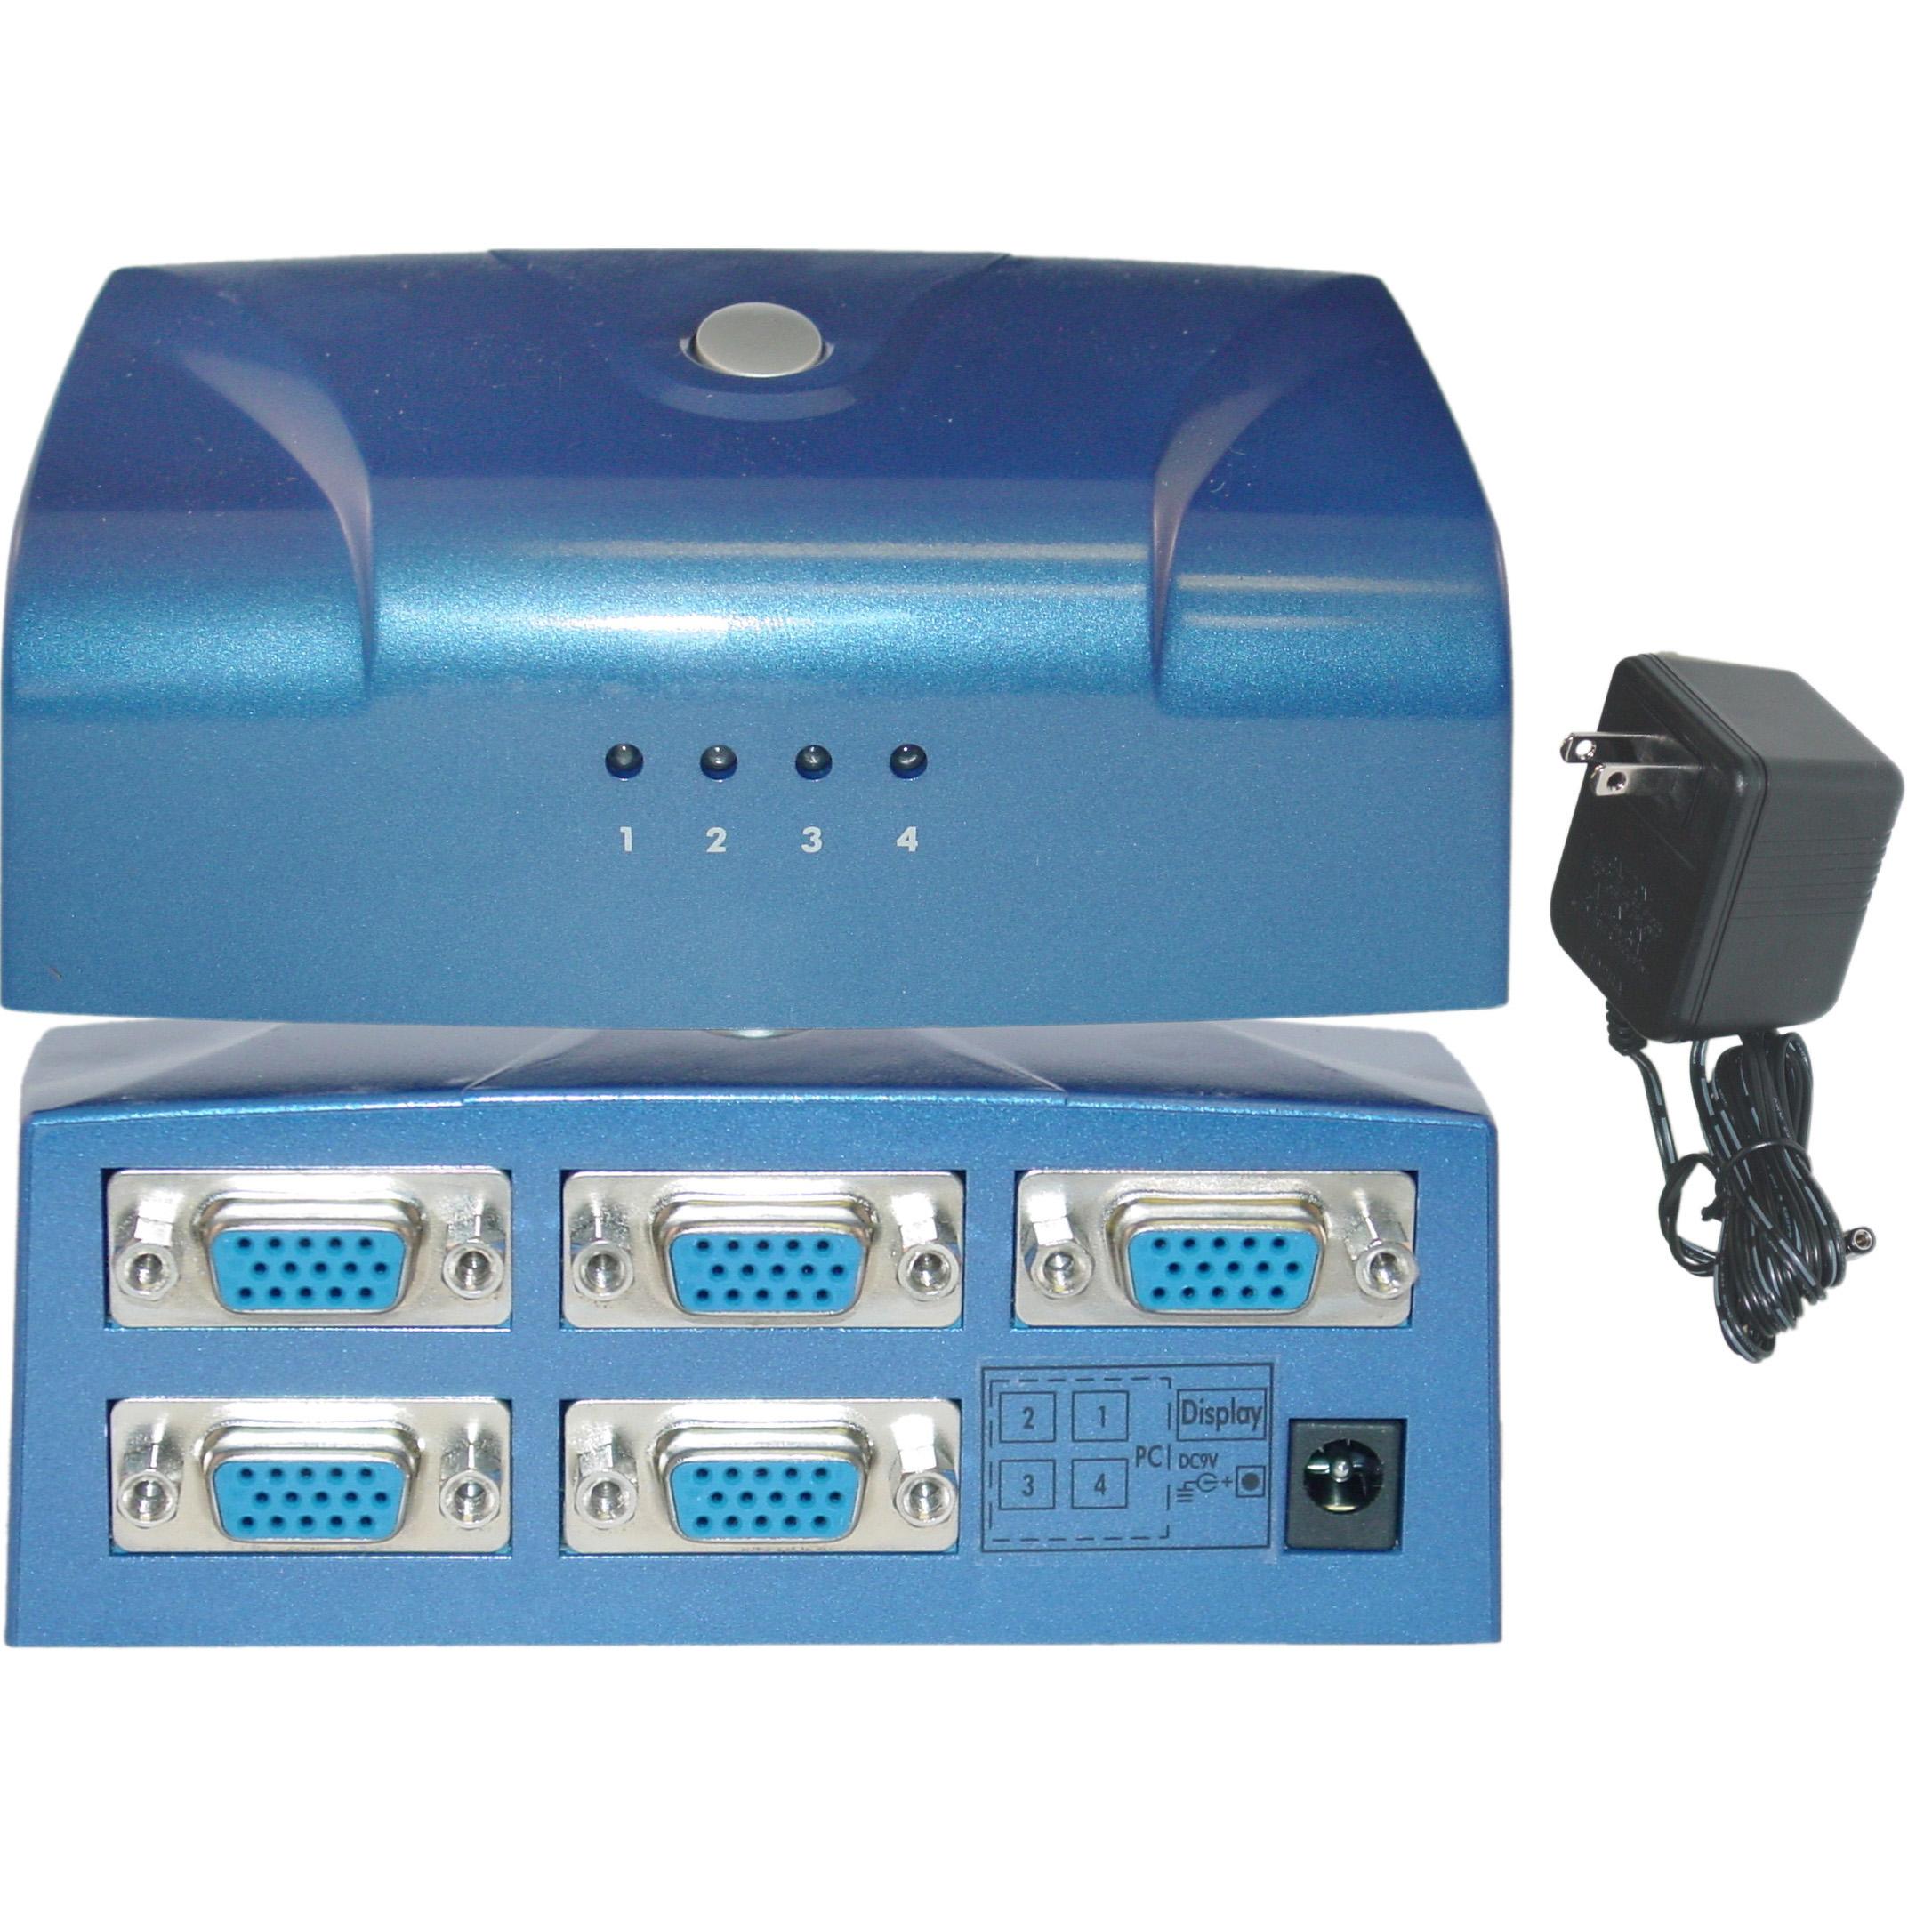 Electronic Vga Switch Box 4 Pc To 1 Monitor Vga Hd15